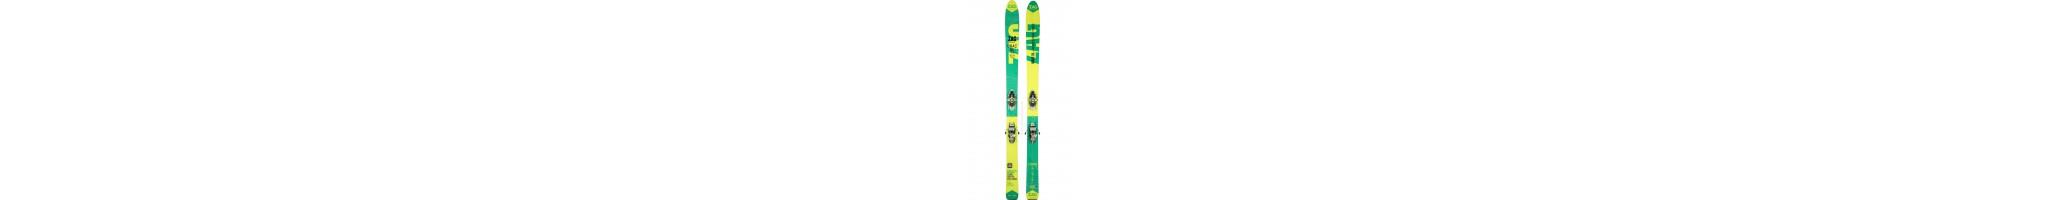 Pack ski enfant, ski junior et ski bébé avec fixation pas cher sur Labourseauxskis